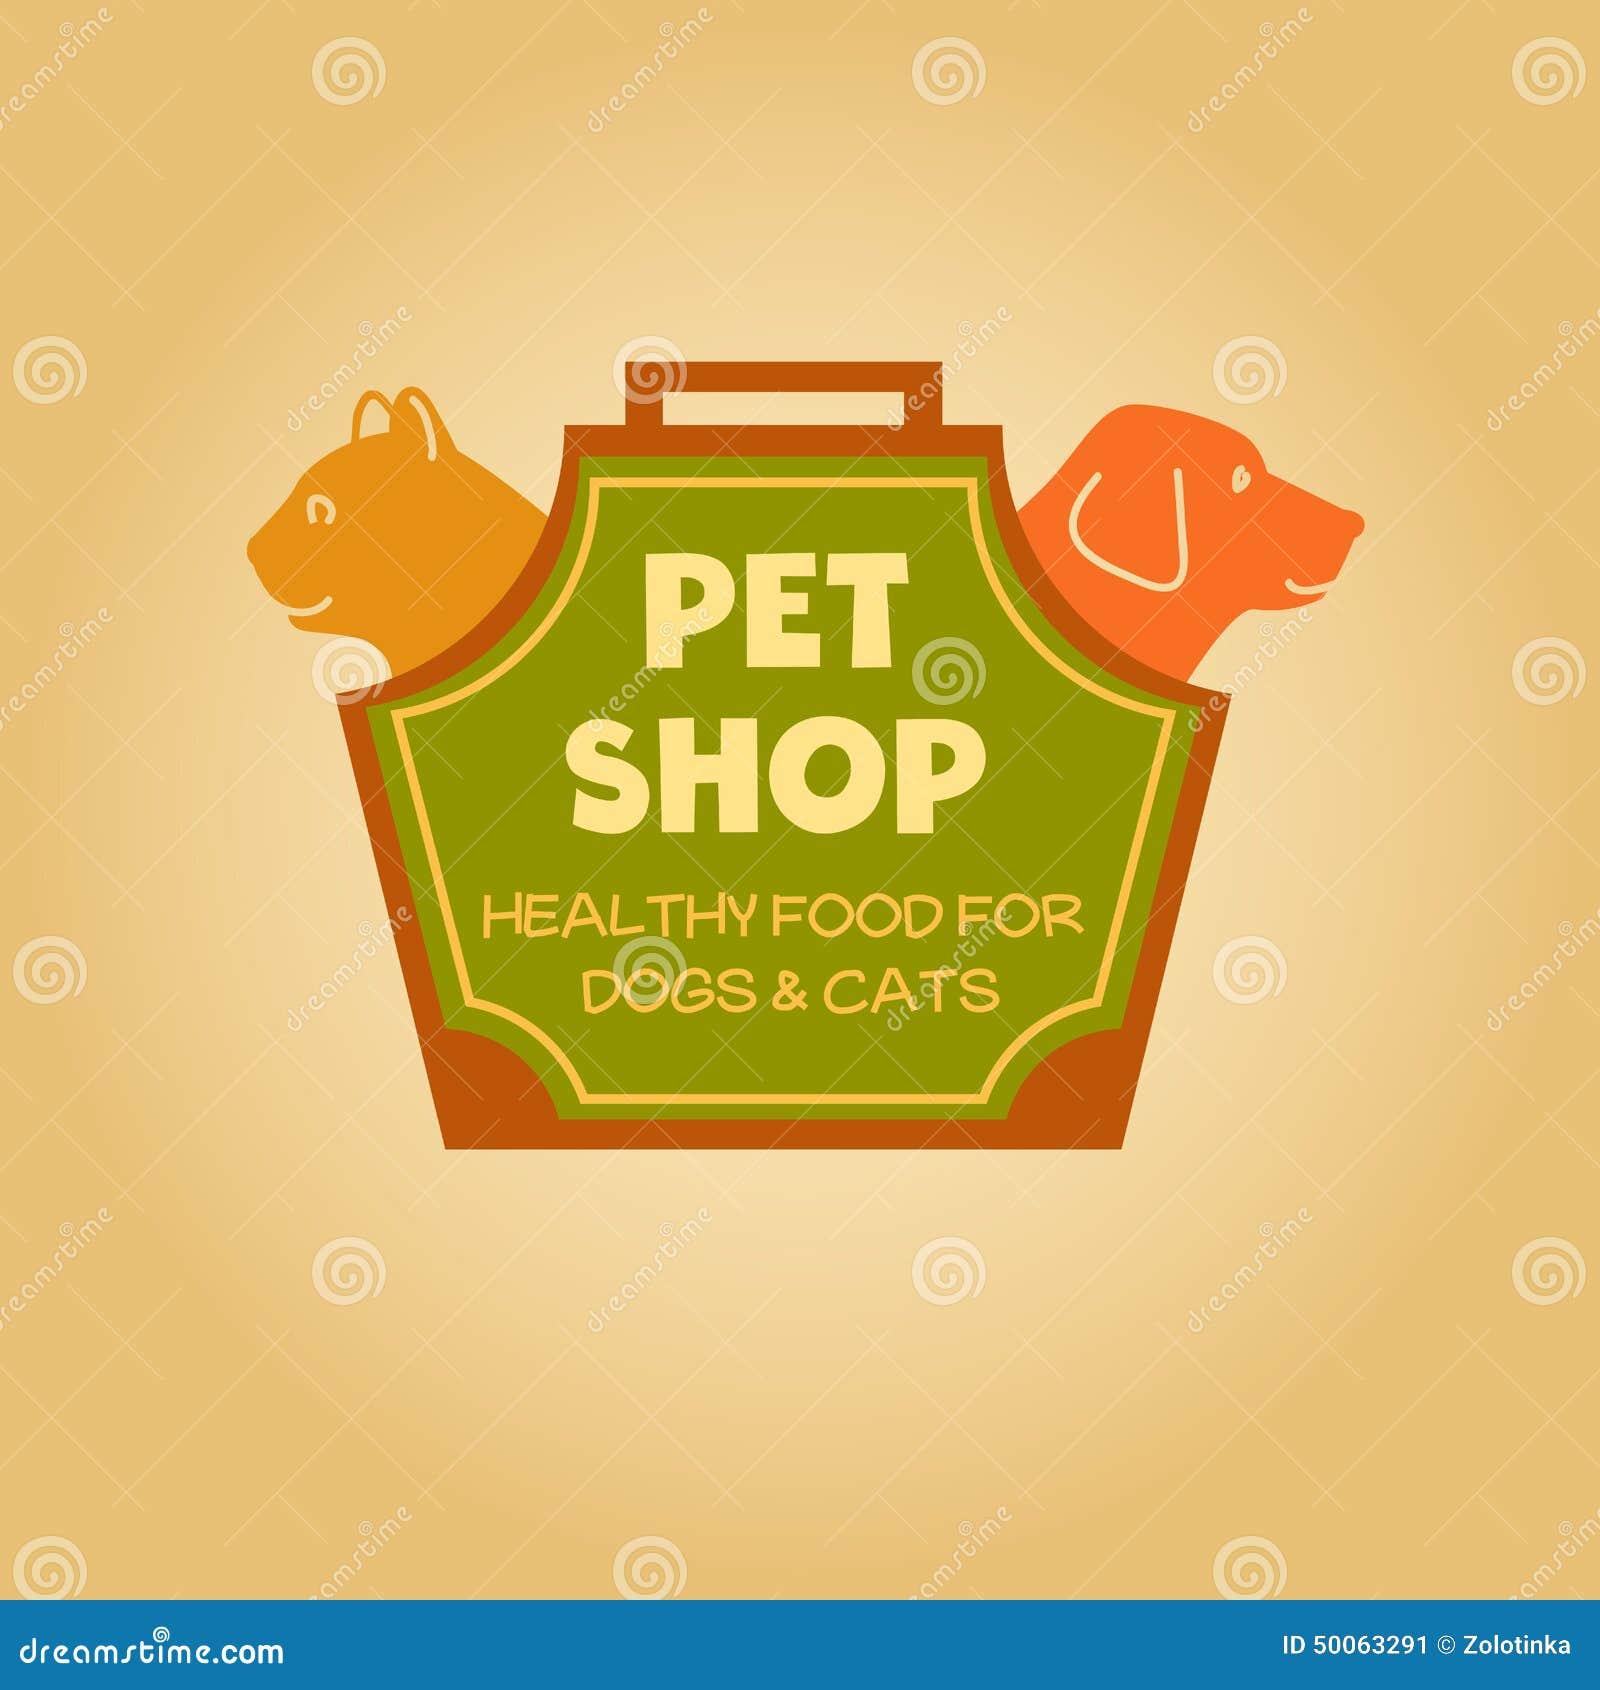 logo-animals-pet-food-shop-cat-dog-bag-carrying-50063291